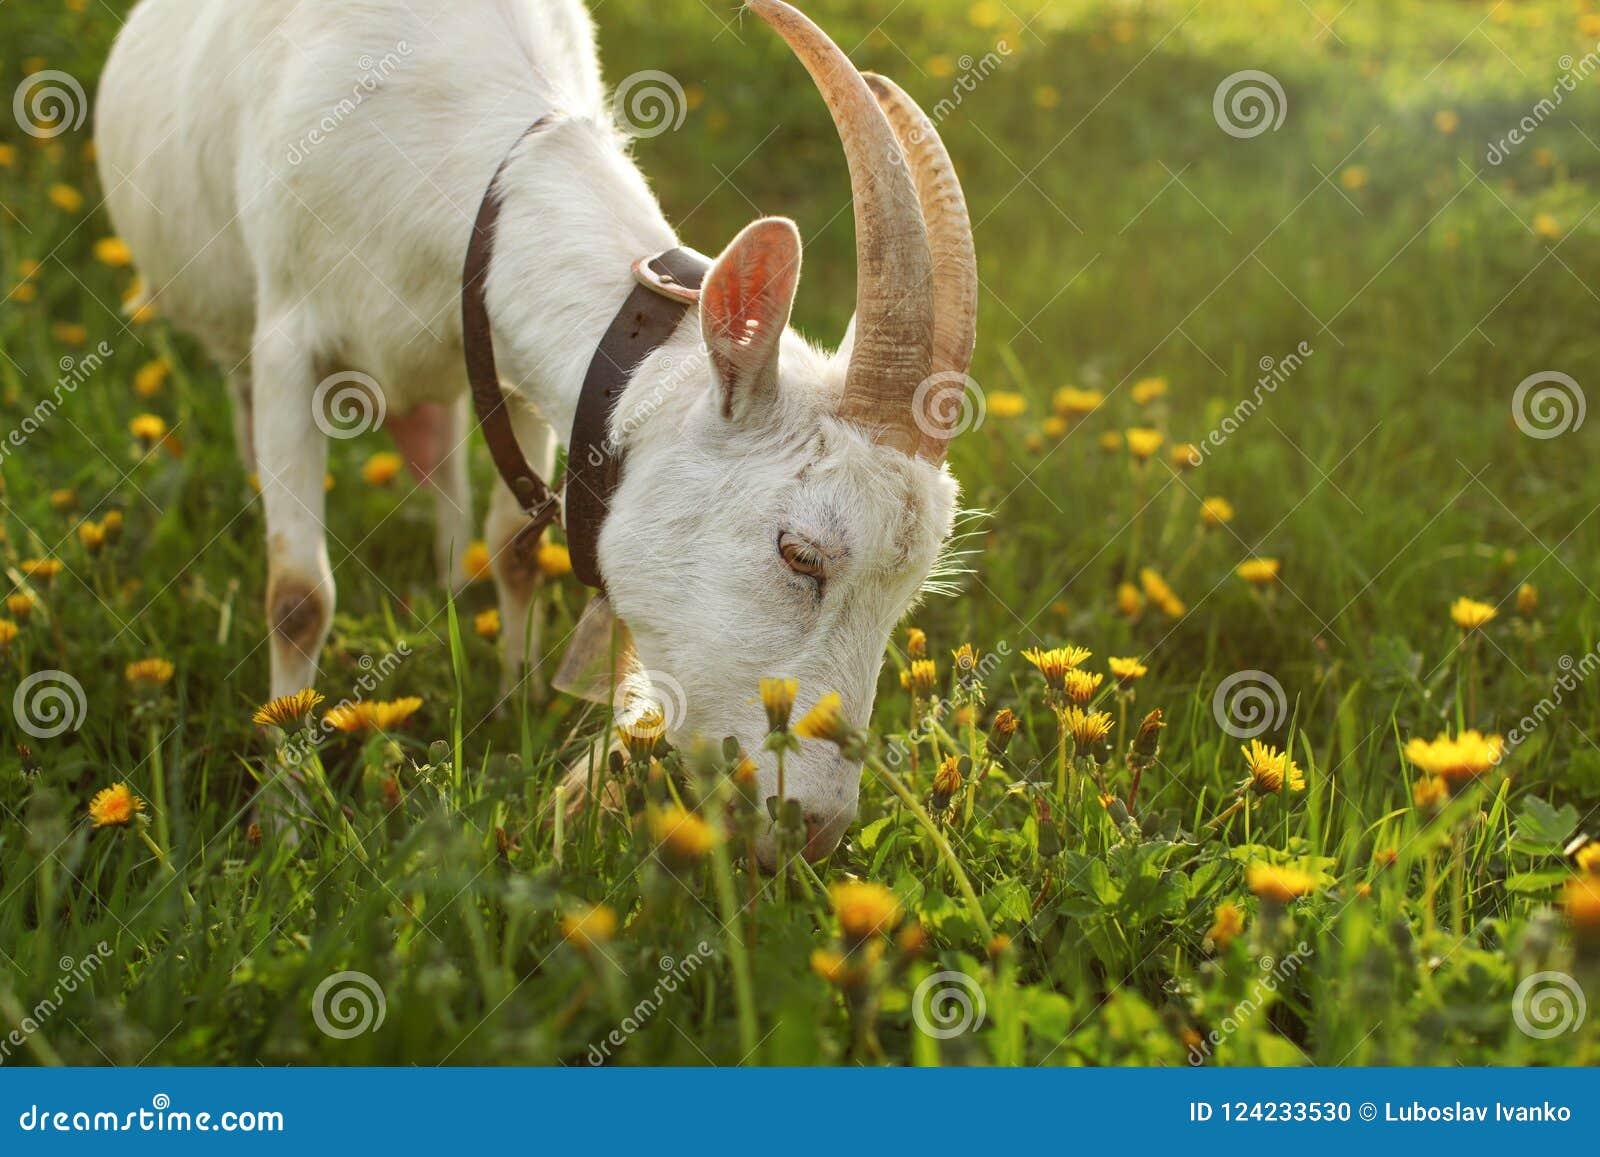 Cabra fêmea que pasta, comendo a grama no prado completamente dos dentes-de-leão,